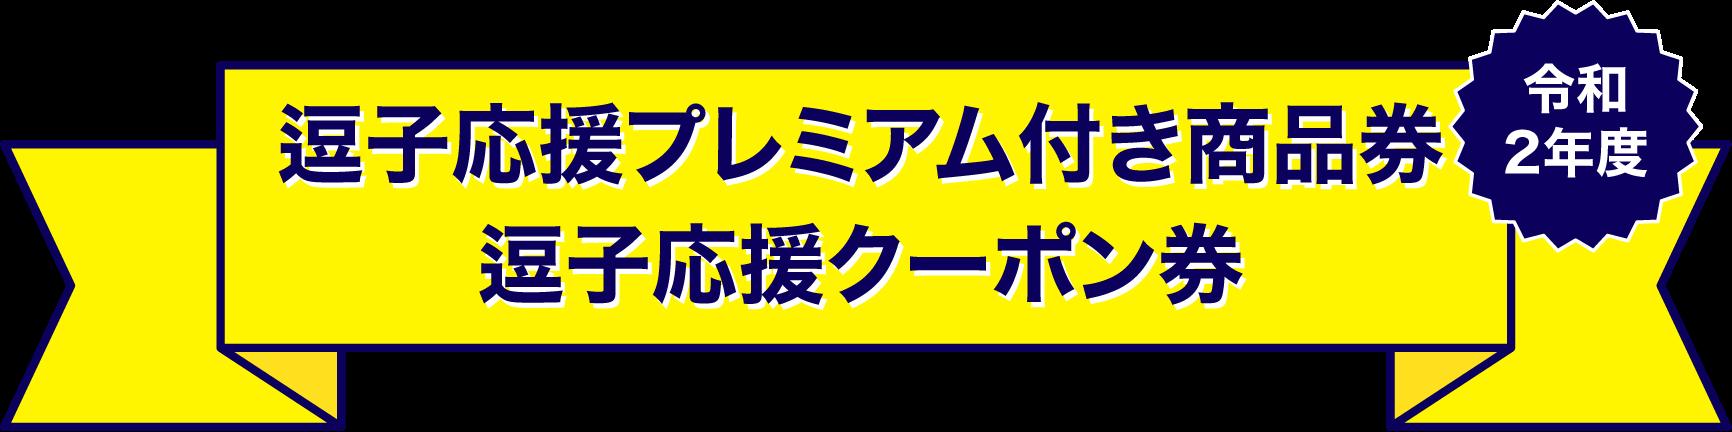 逗子応援プレミアム付き商品券・逗子応援クーポン券